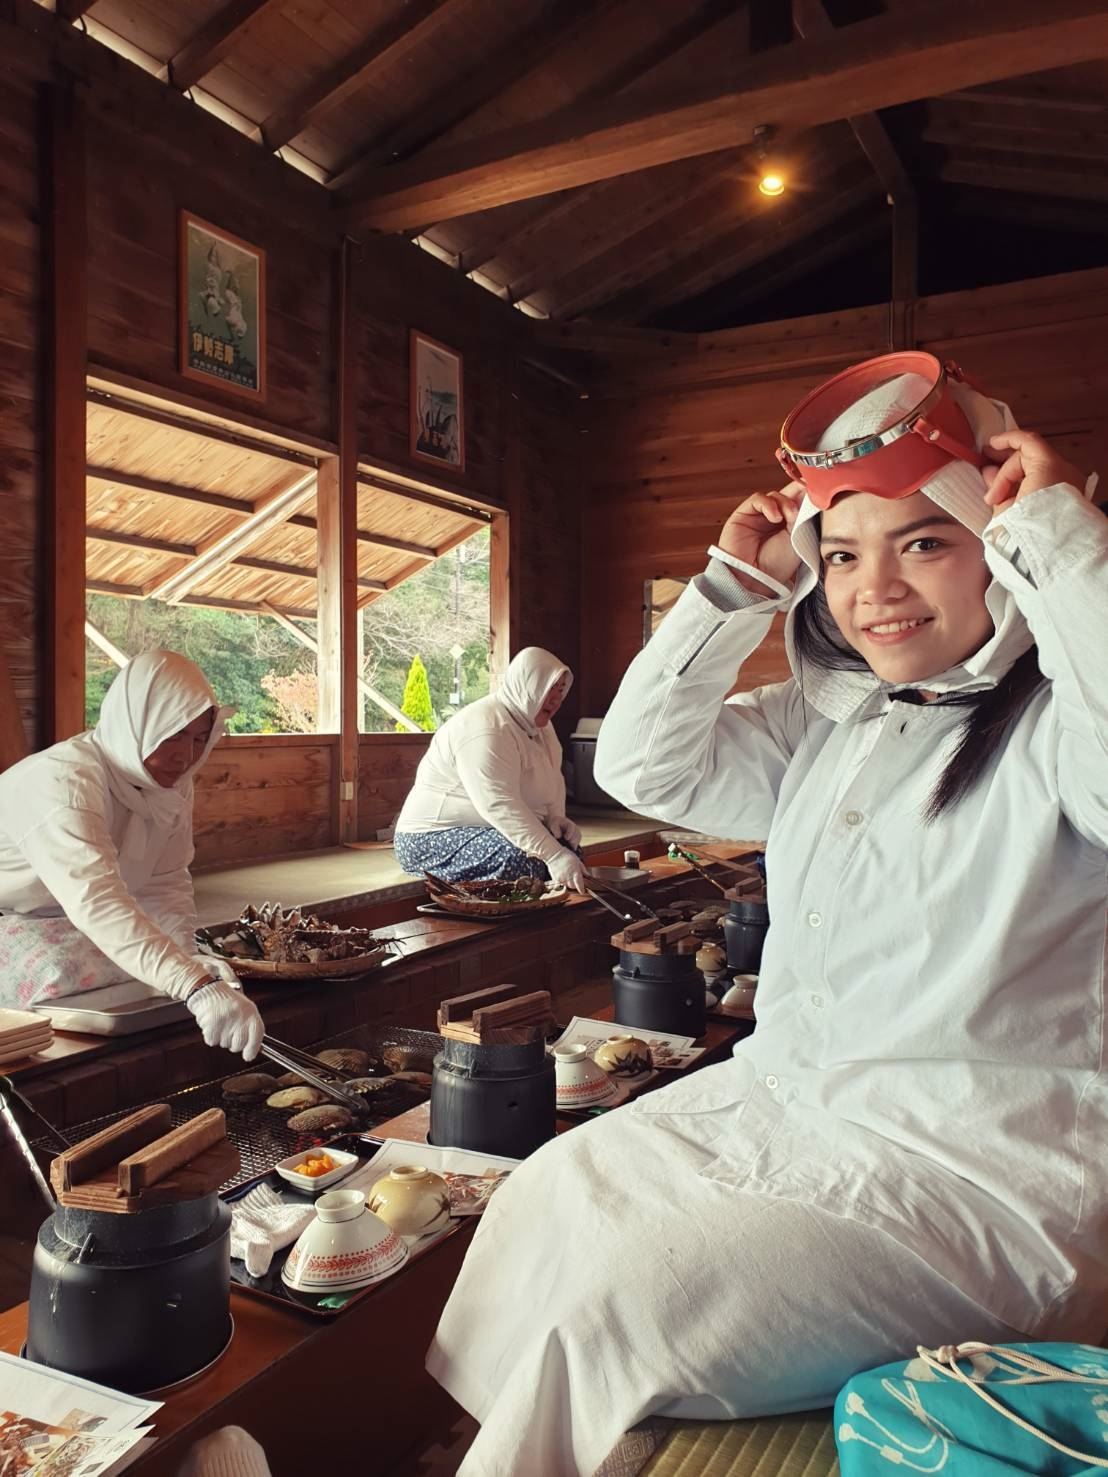 14. Ama Hut Satoumia 200213 0008